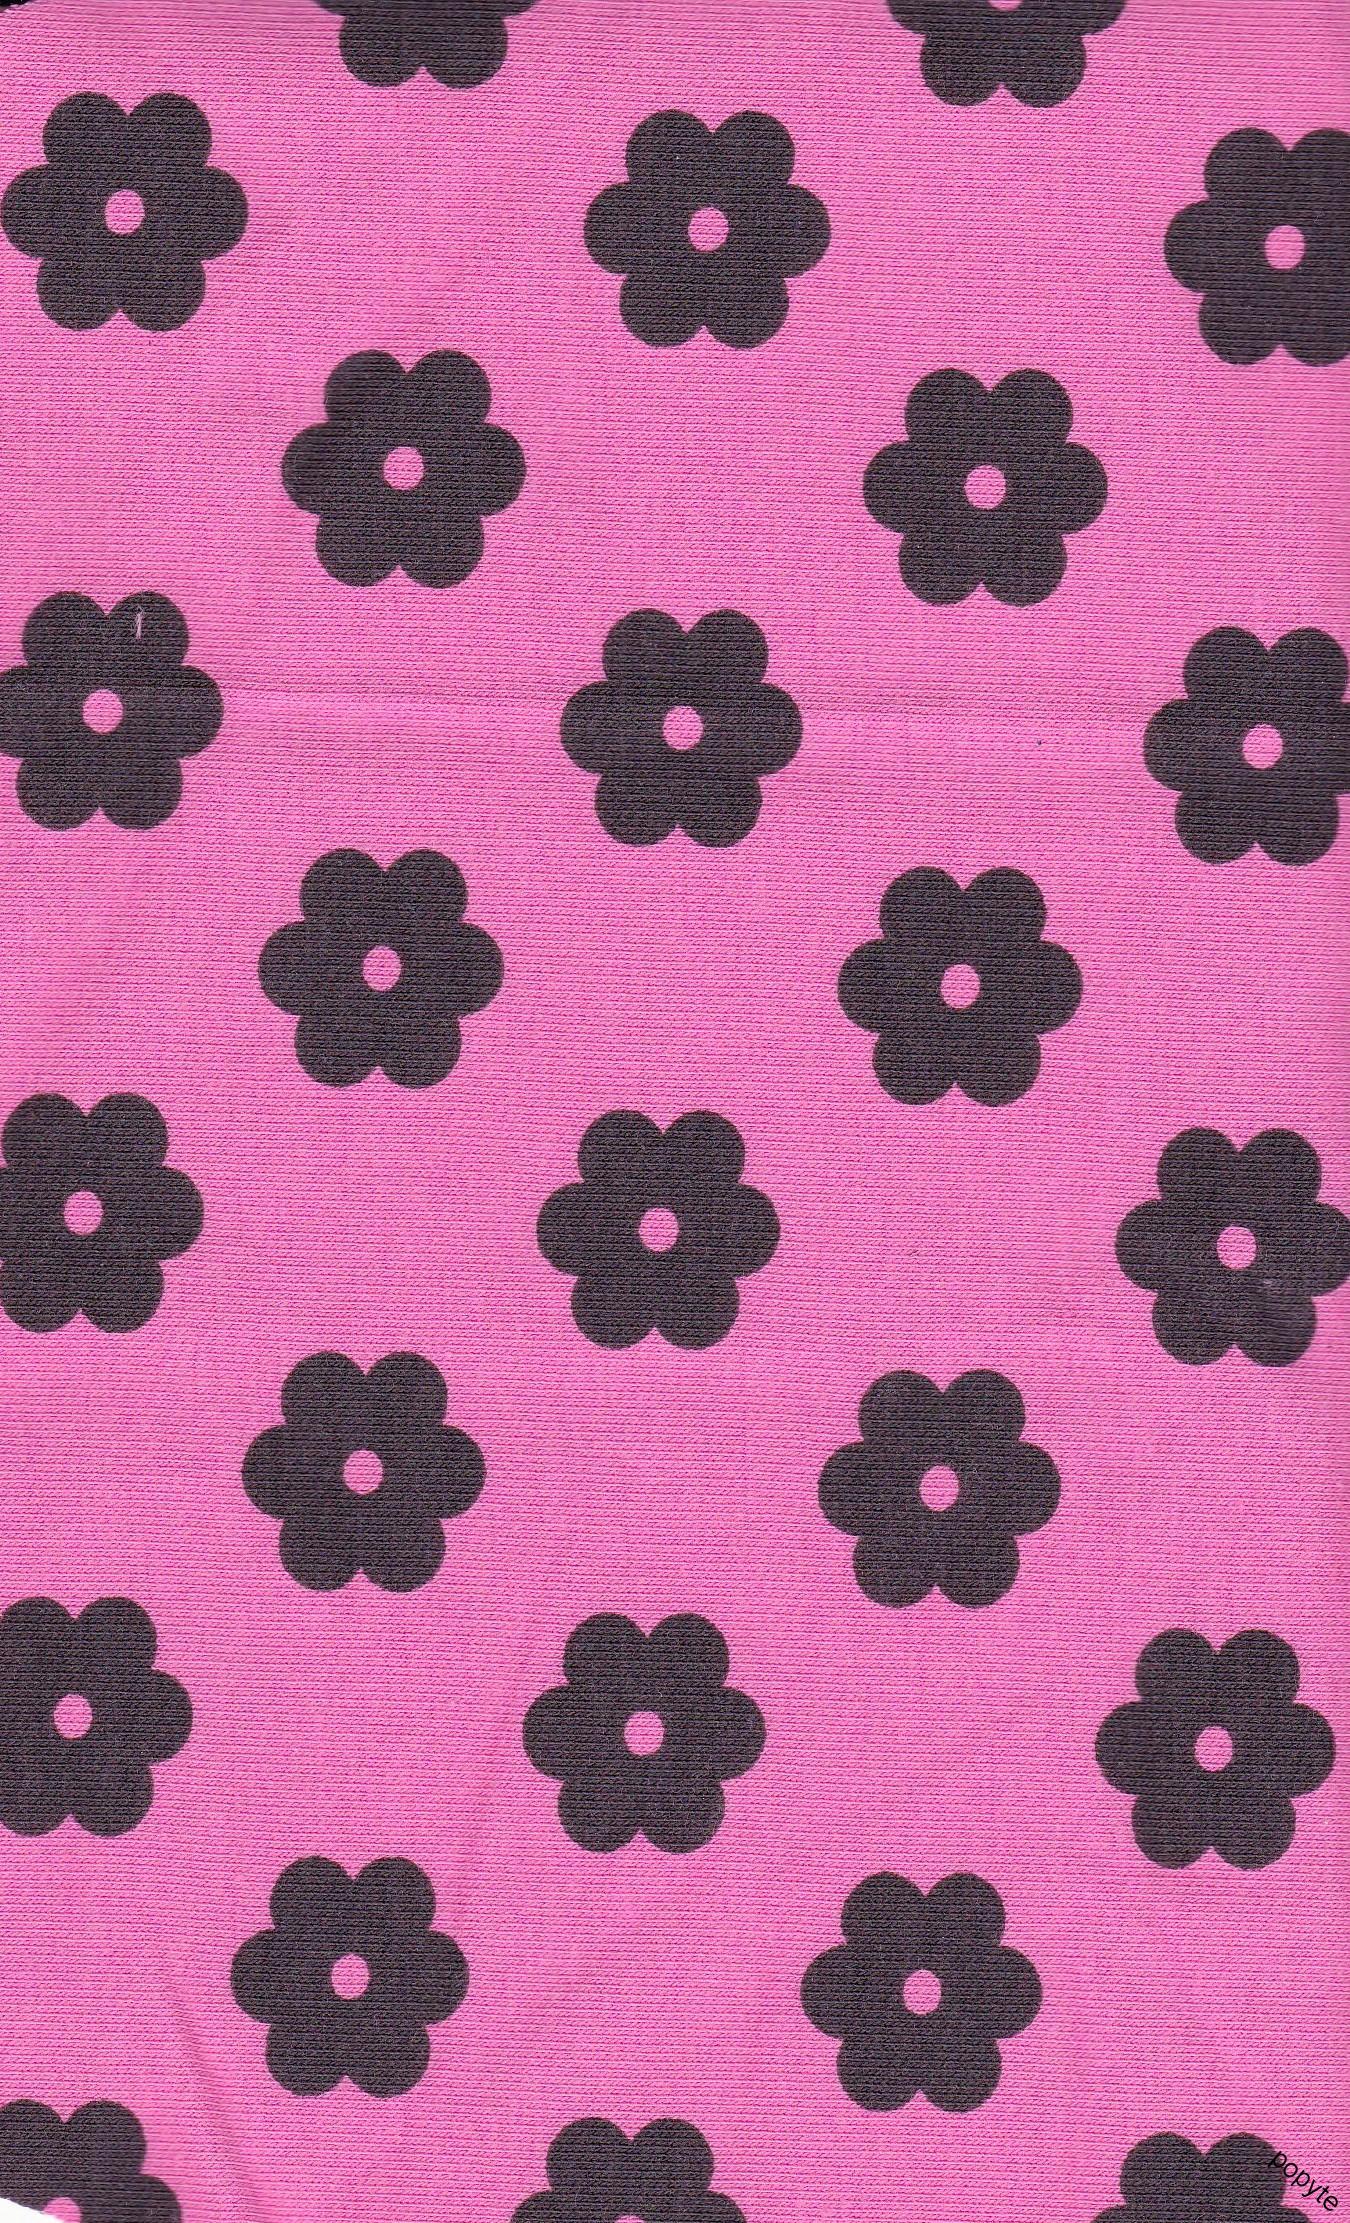 67d1ee9ab641 Šedé kytičky na ružové